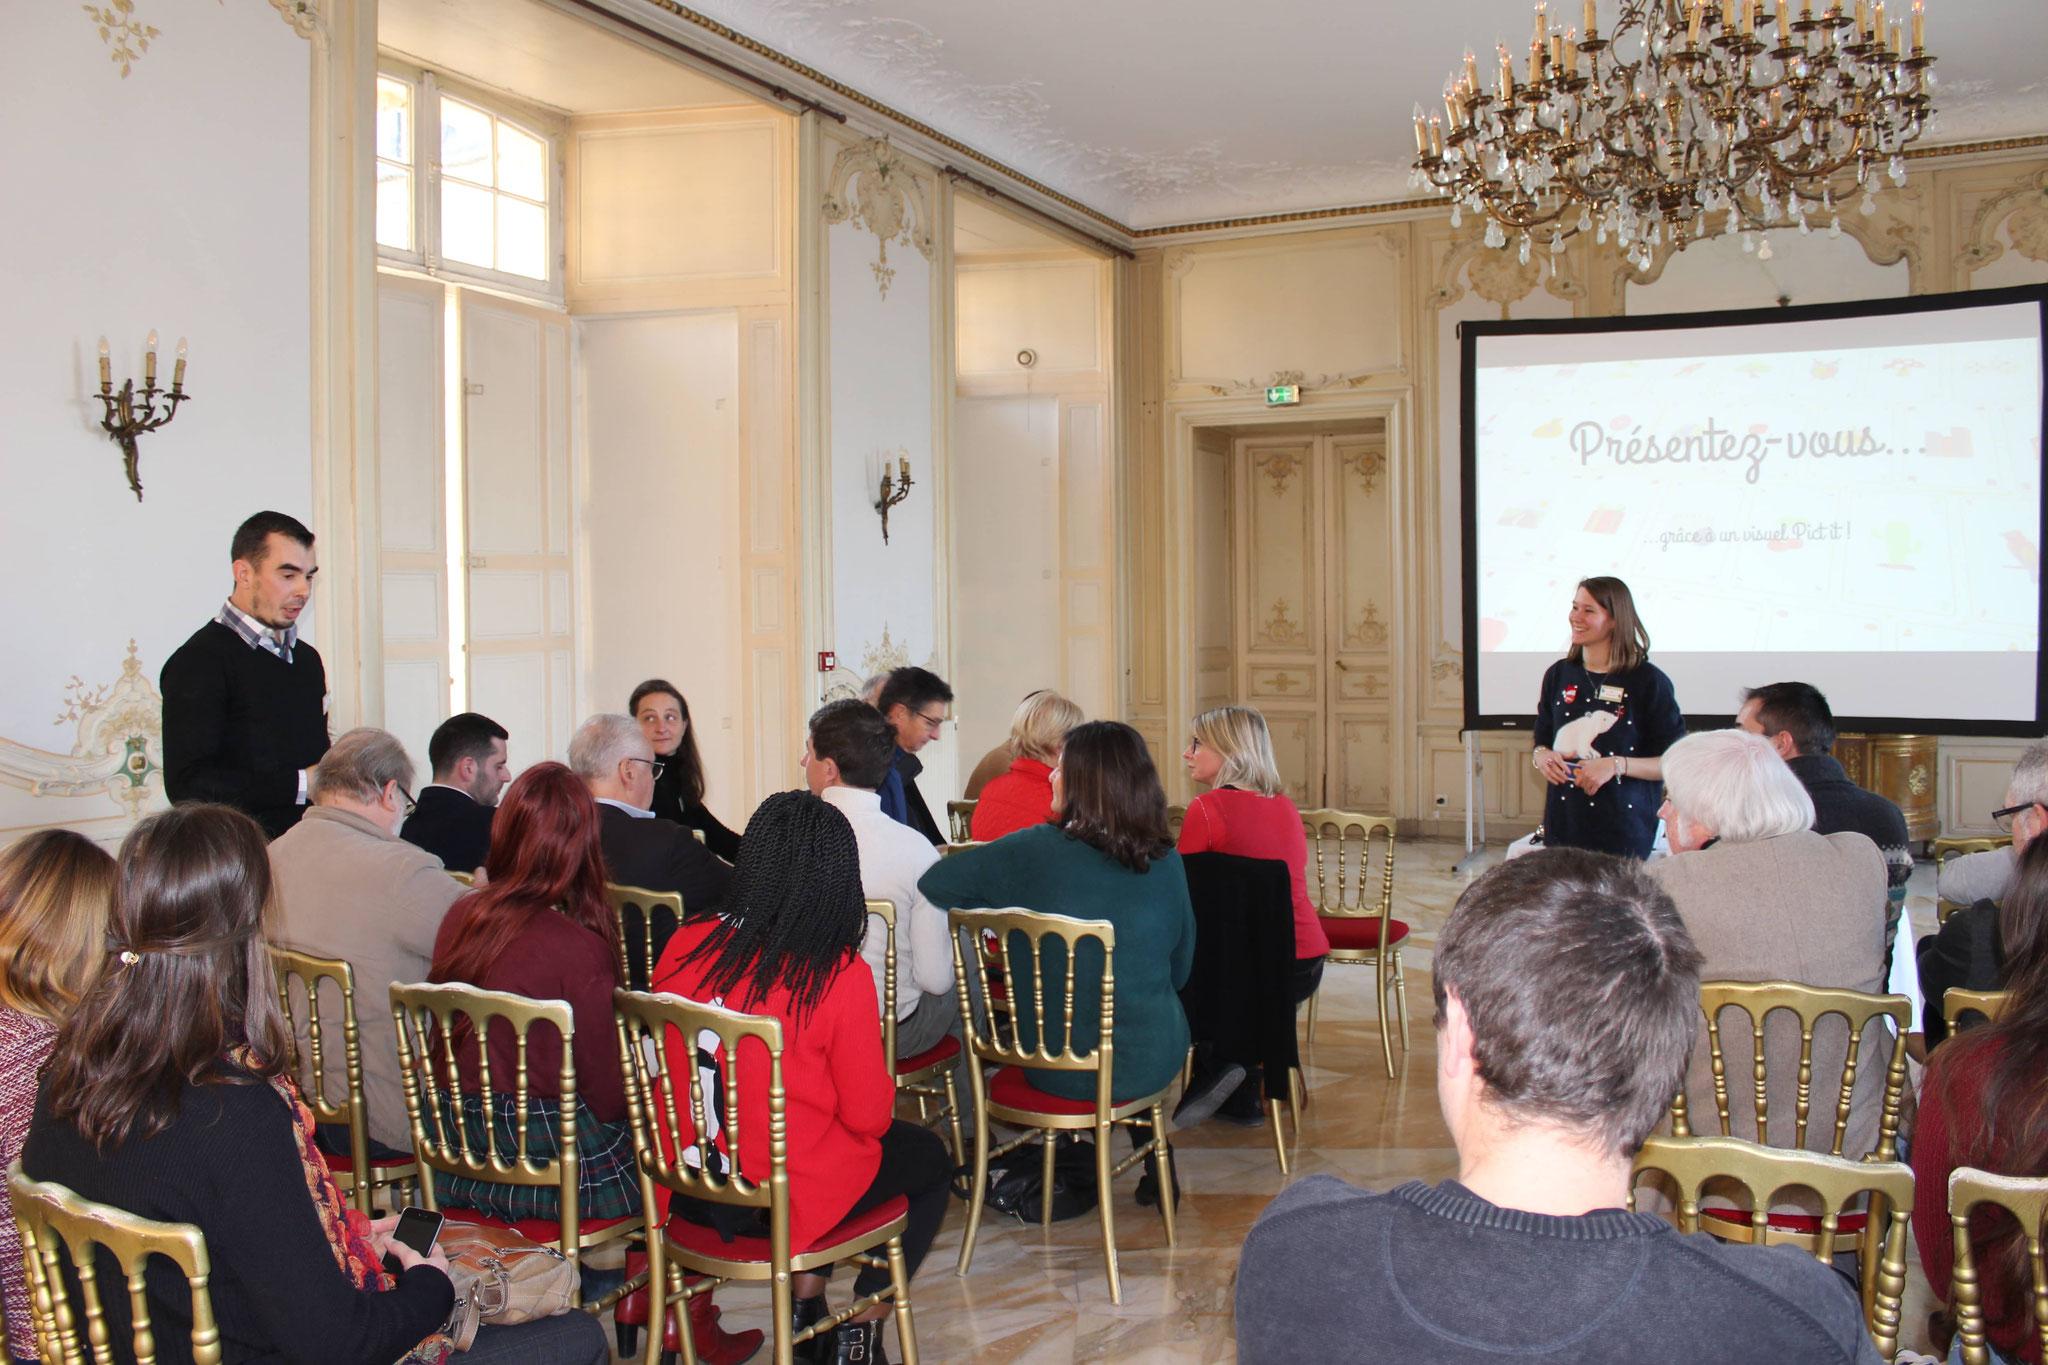 © Office de tourisme du Pays de Valois